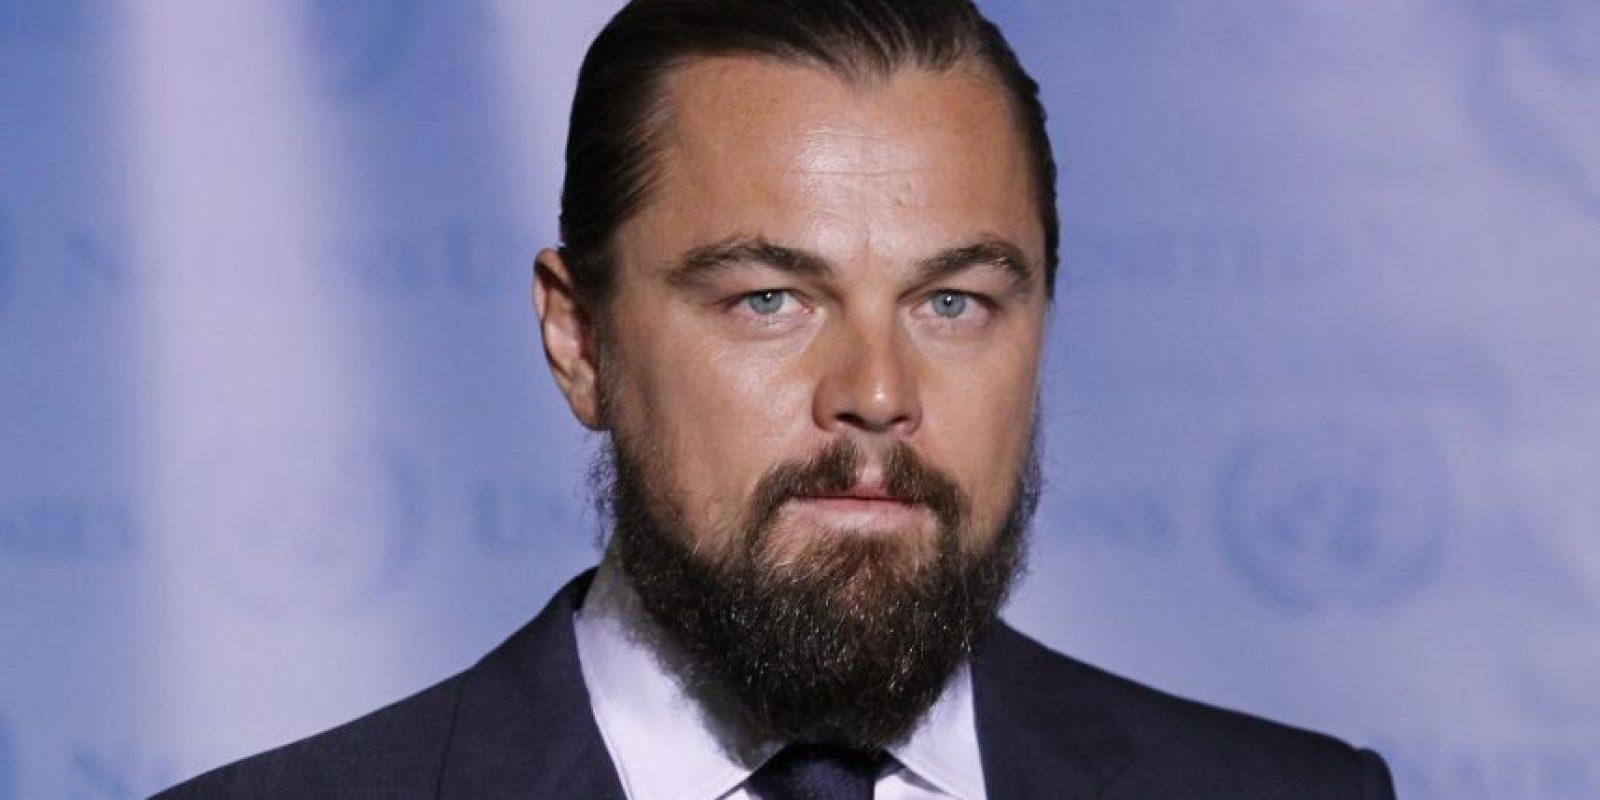 Leonardo DiCaprio ha tenido cinco nominaciones: una por Mejor actor de reparto, tres por Mejor actor y una como productor, gracias a What's Eating Gilbert Grape, El aviador, Diamante de sangre y El lobo de Wallstreet, respectivamente, pero históricamente ha sido uno de los grandes olvidados de la Academia. Hasta el momento y con grandes actuaciones, nunca se ha ganado el Óscar. Foto:Getty Images